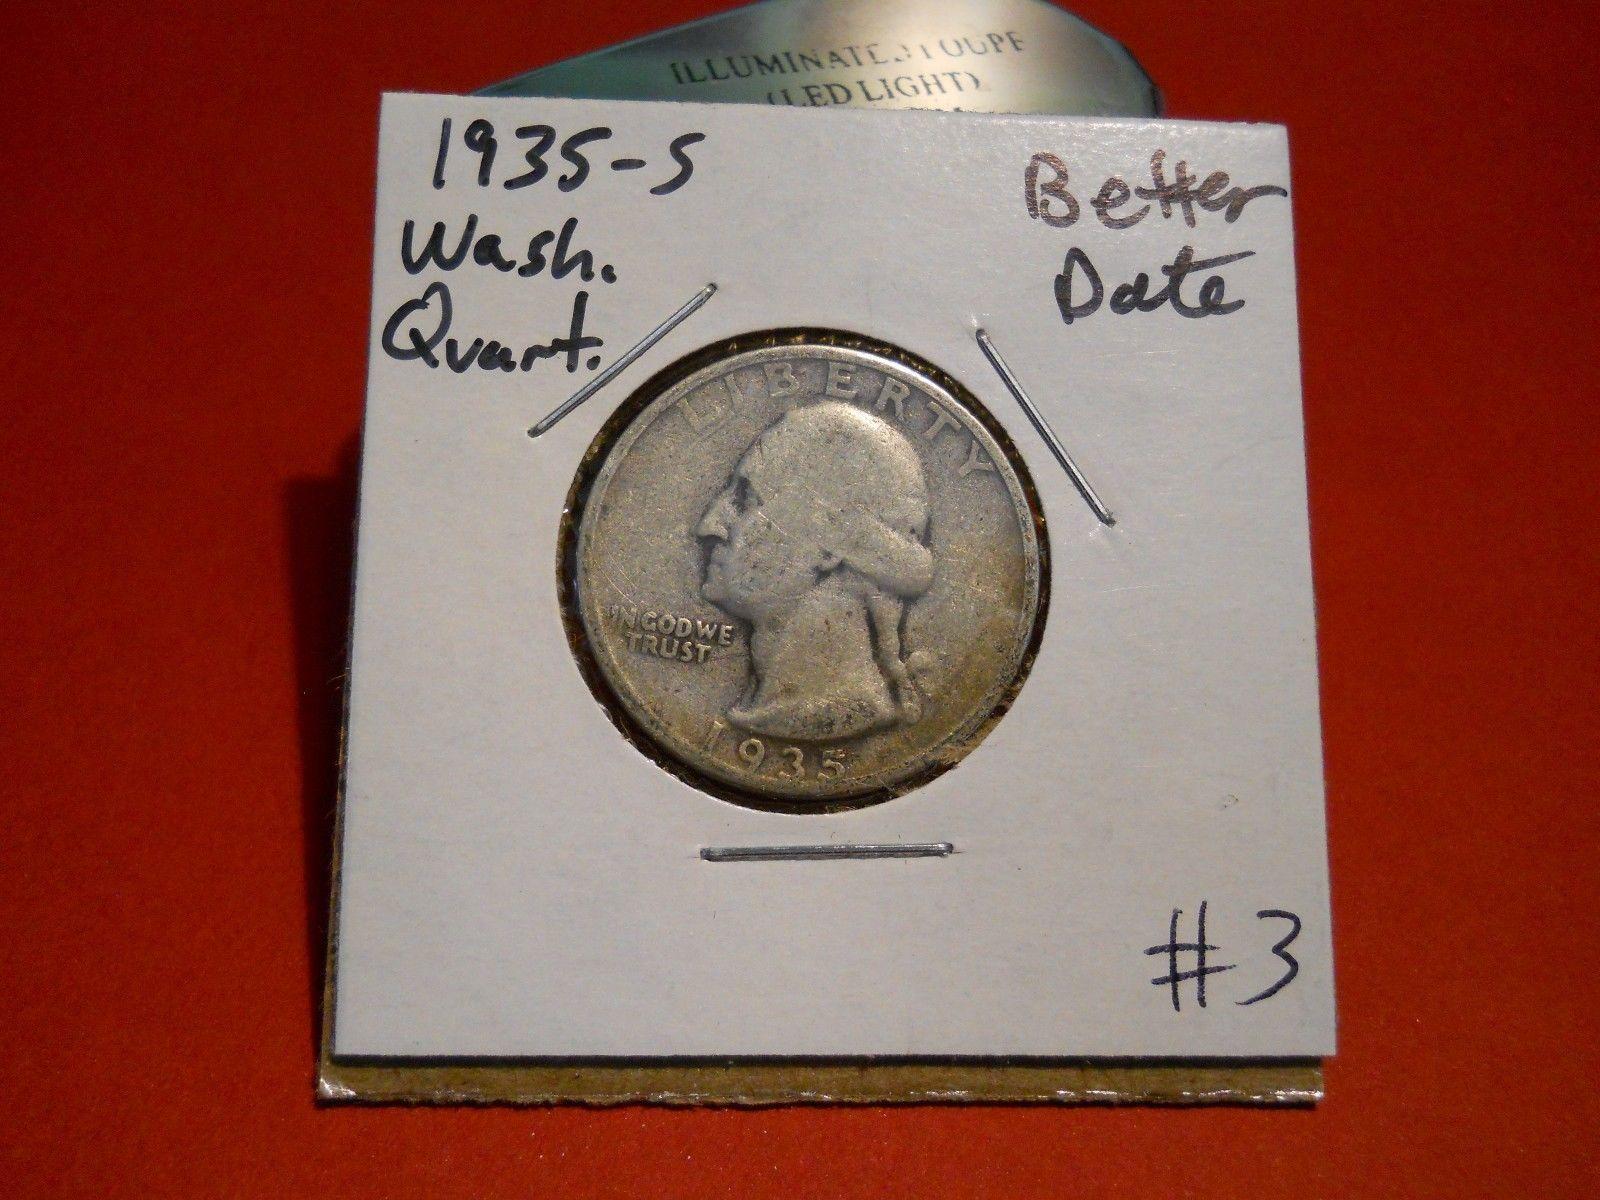 1935- S Washington Silver Quarter!!! Nice Coin!!! 90% Silver!!!